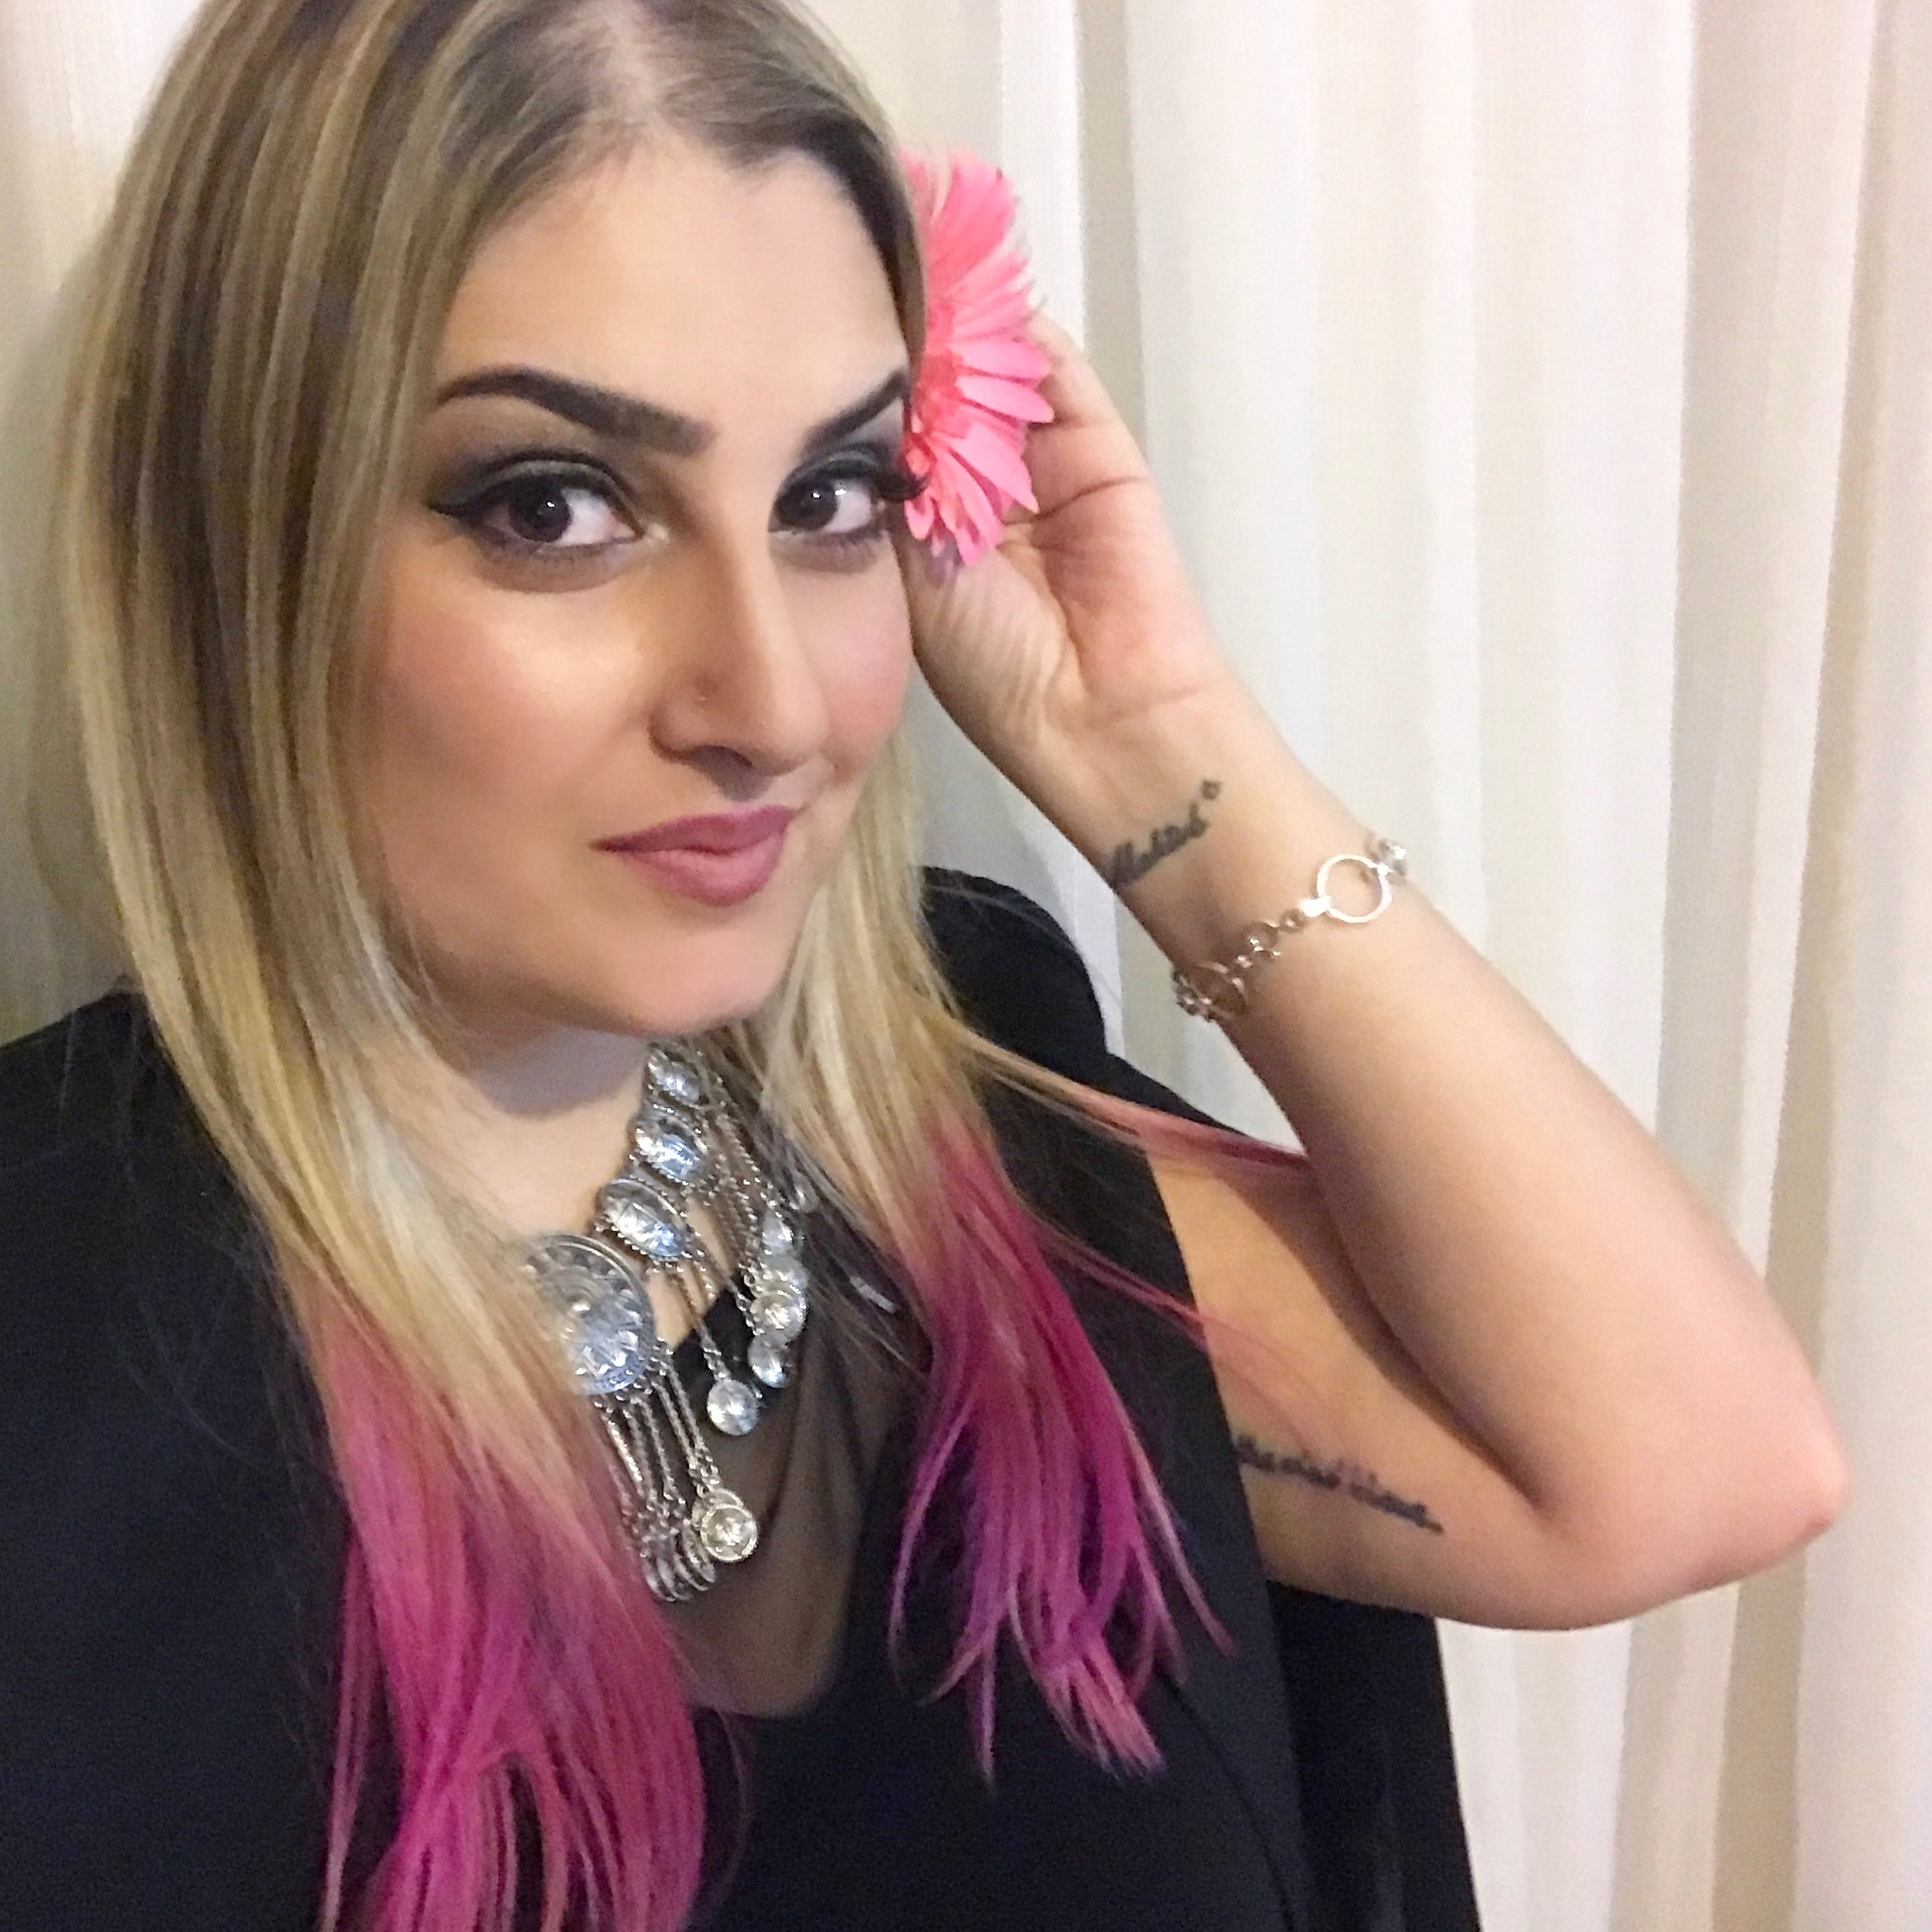 cabelo, cor de rosa, pontas, pink hair, giovana quaglio, como fazer diy